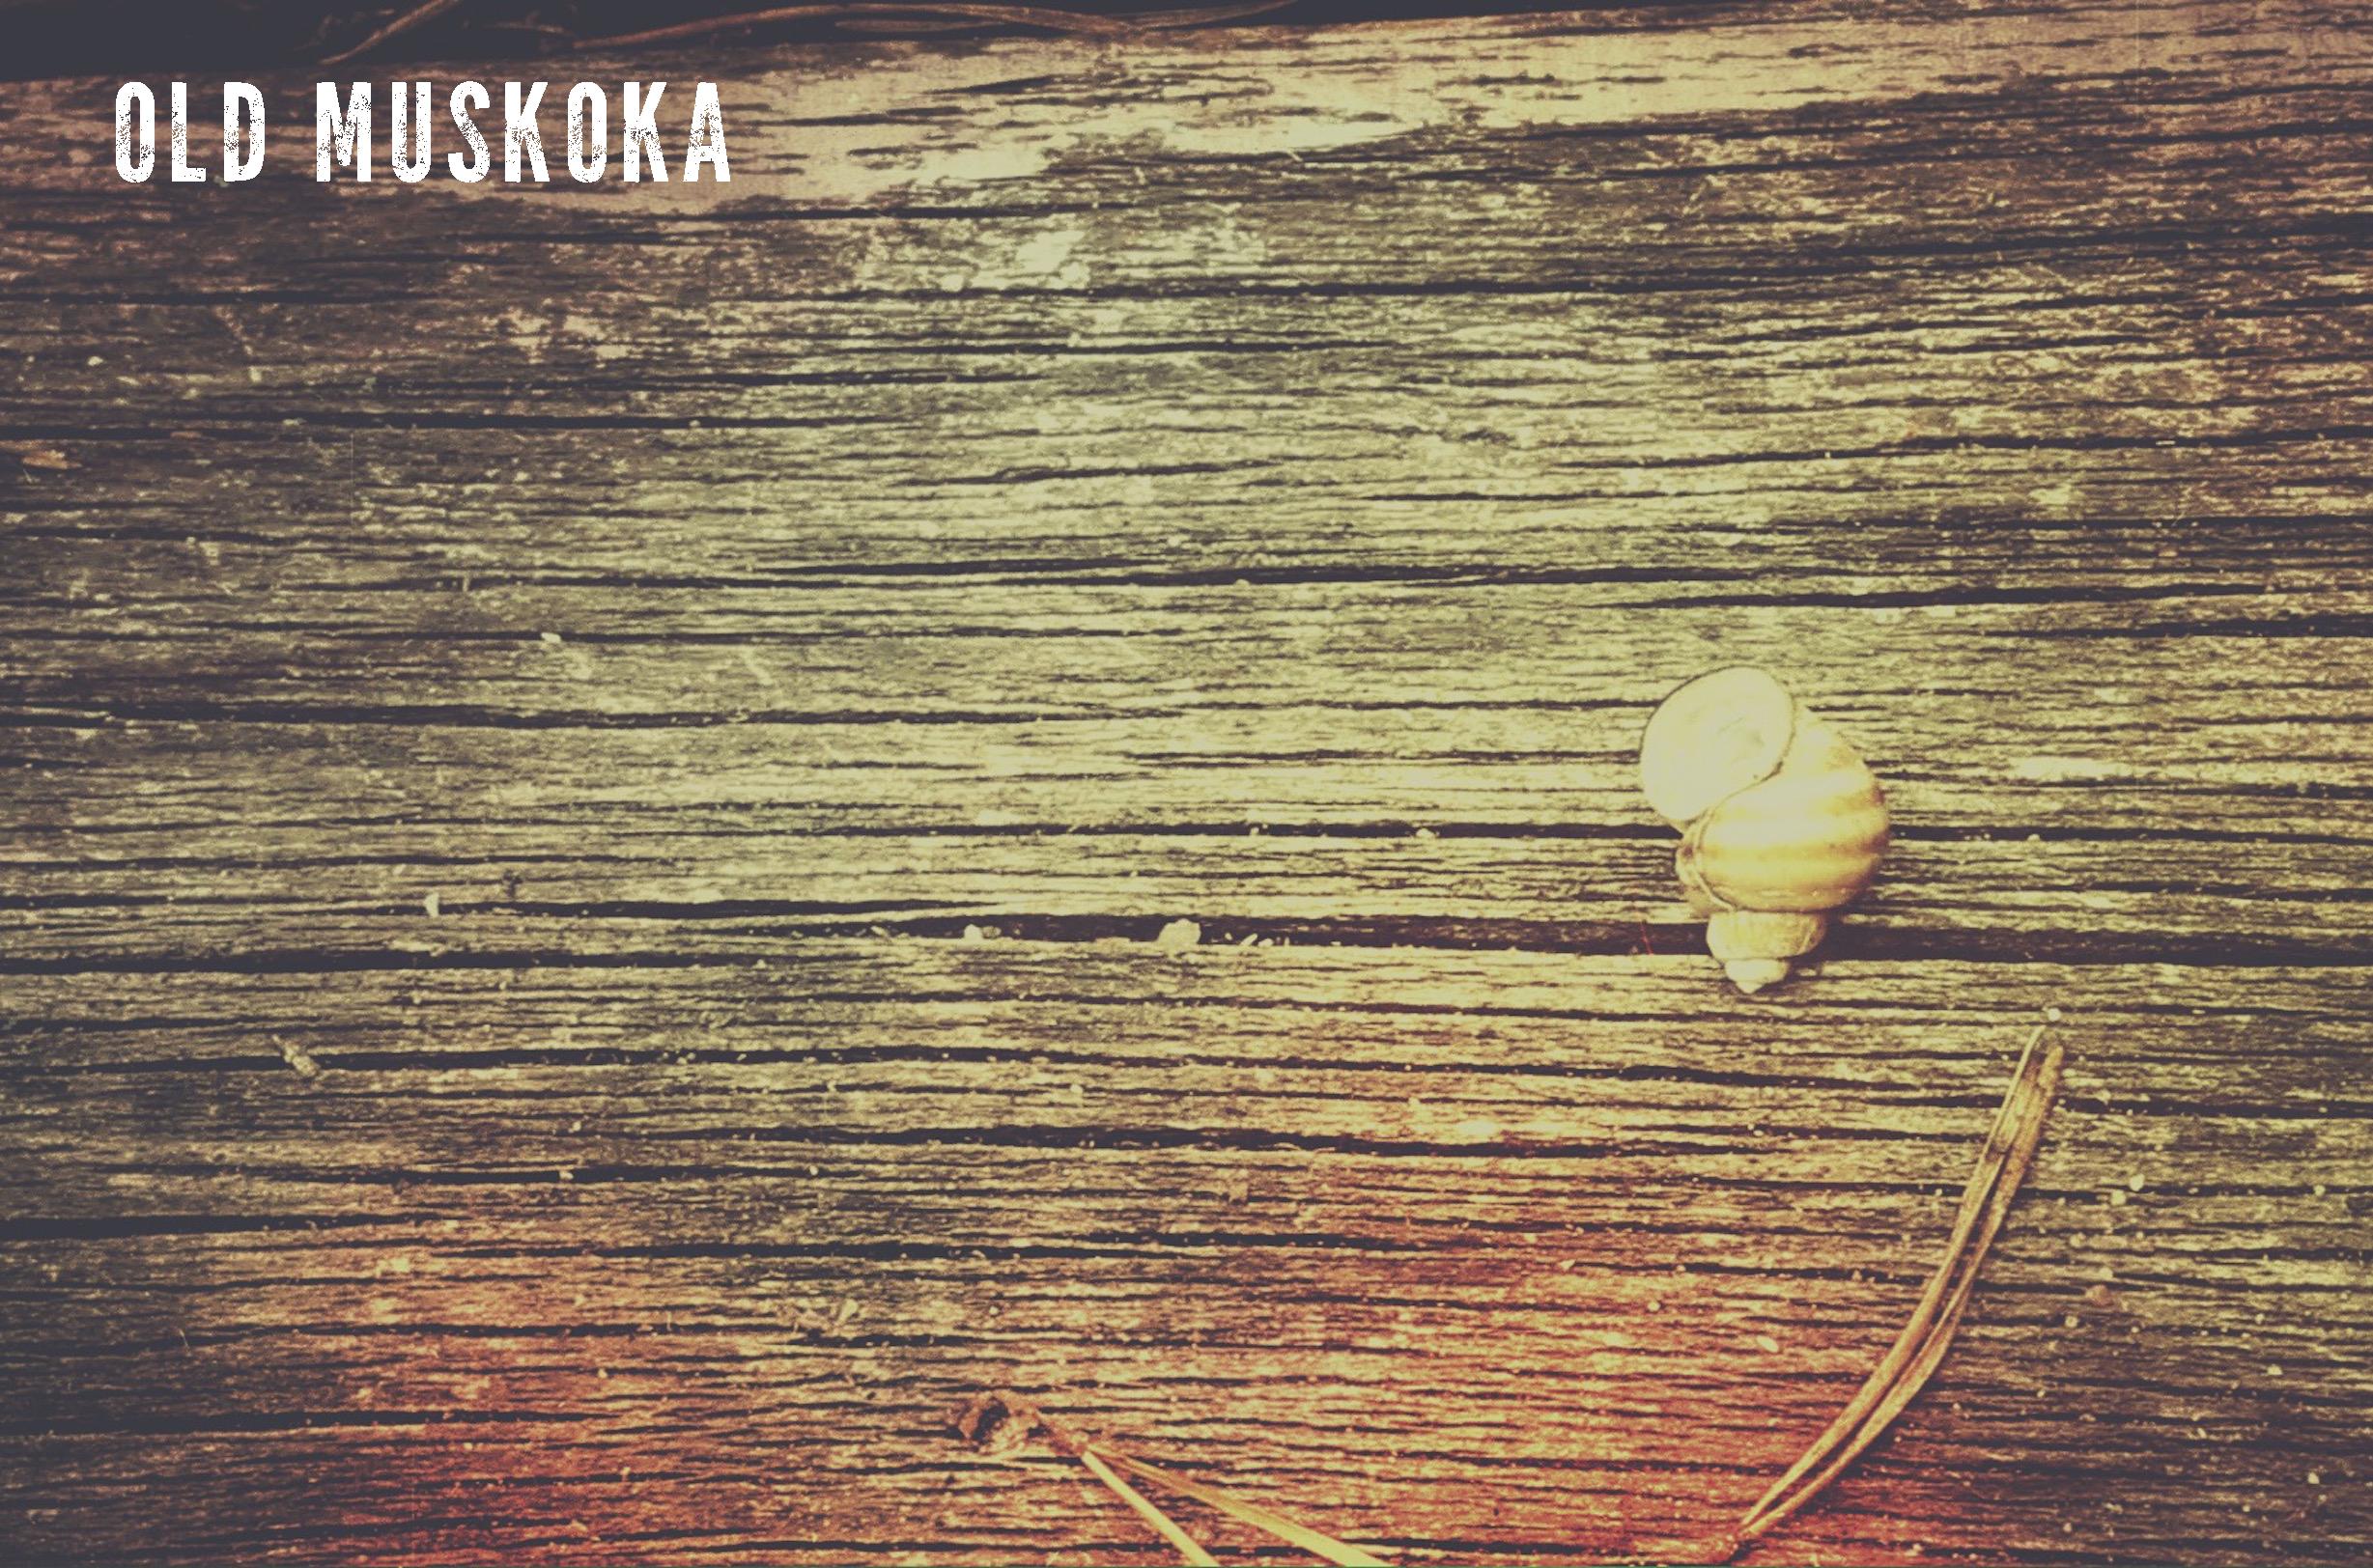 Old Muskoka